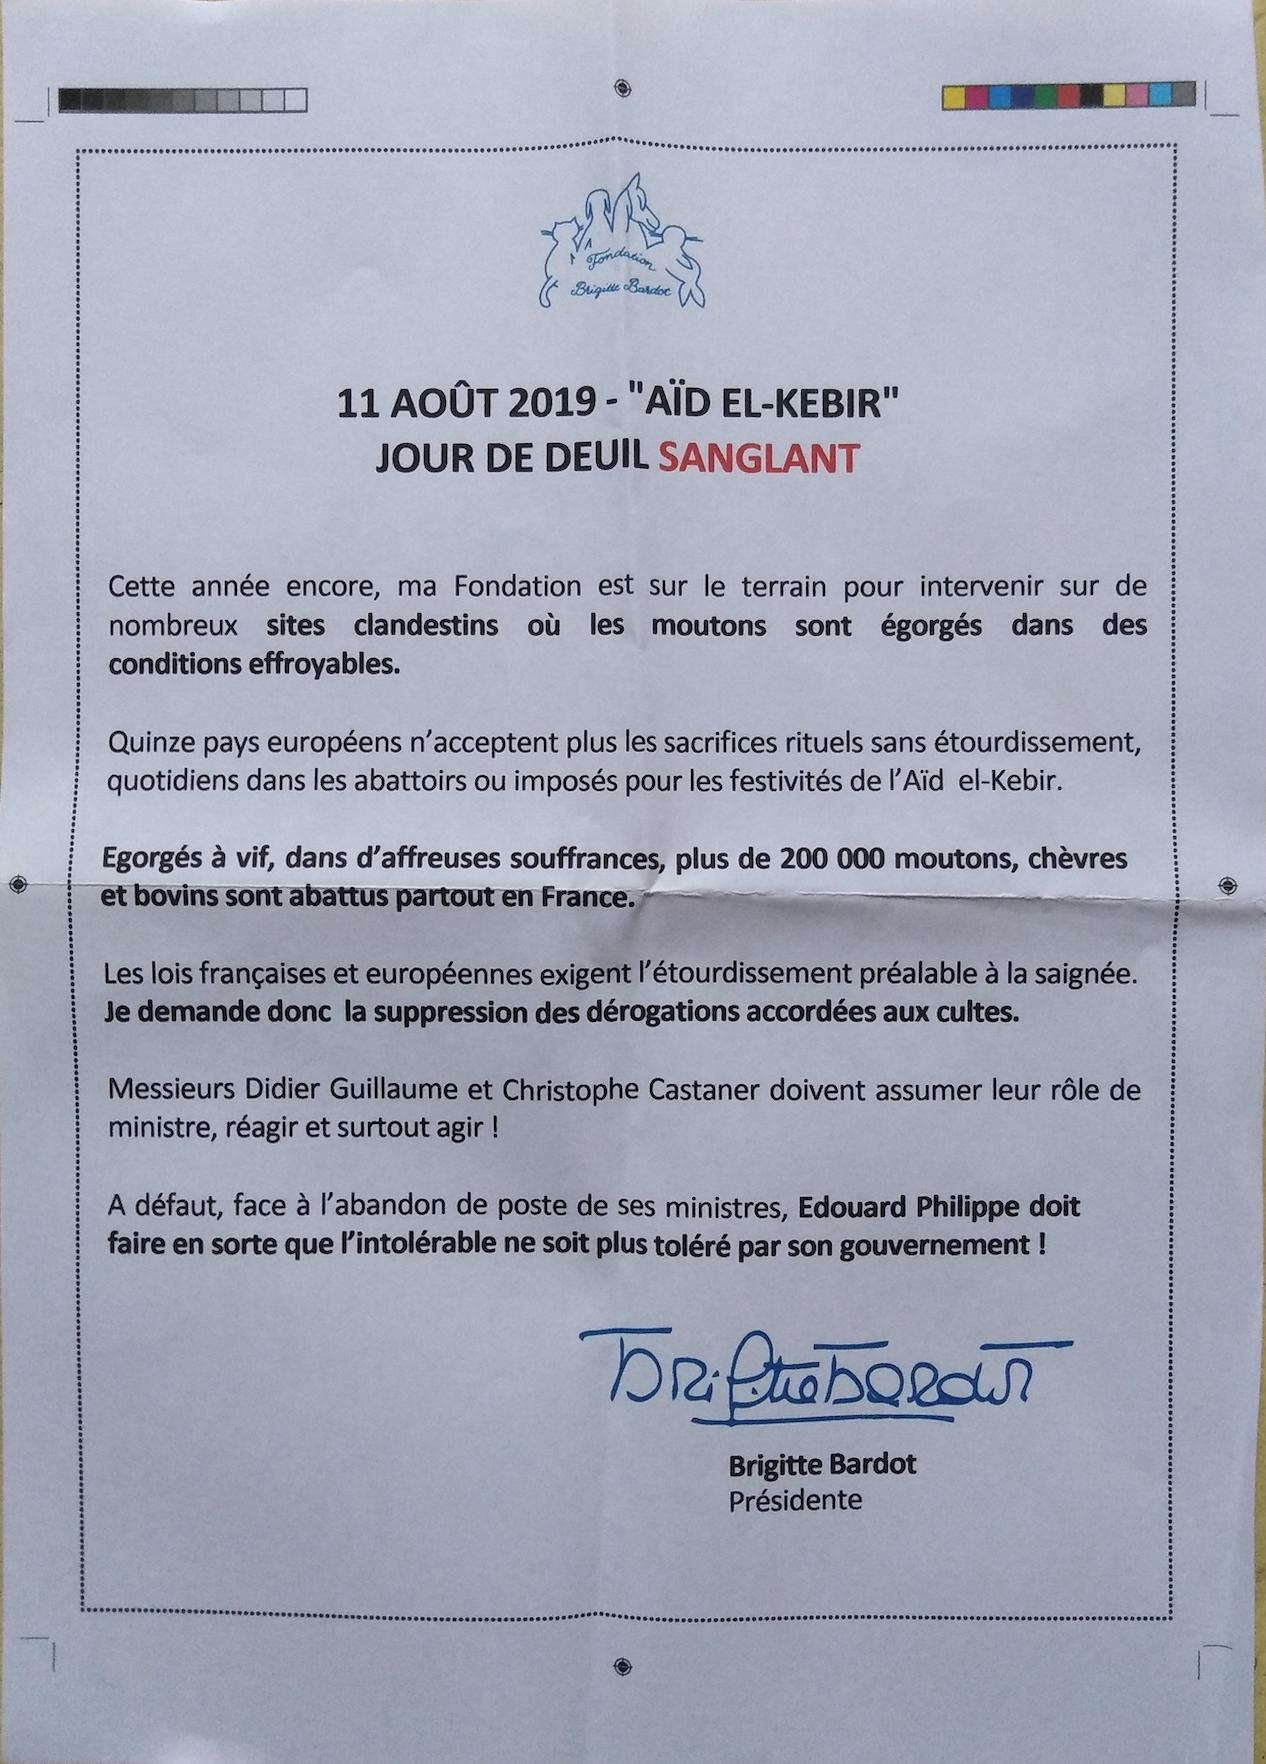 Brigitte Bardot : demain, c'est l'Aïd-El-Kebir, jour de deuil sanglant